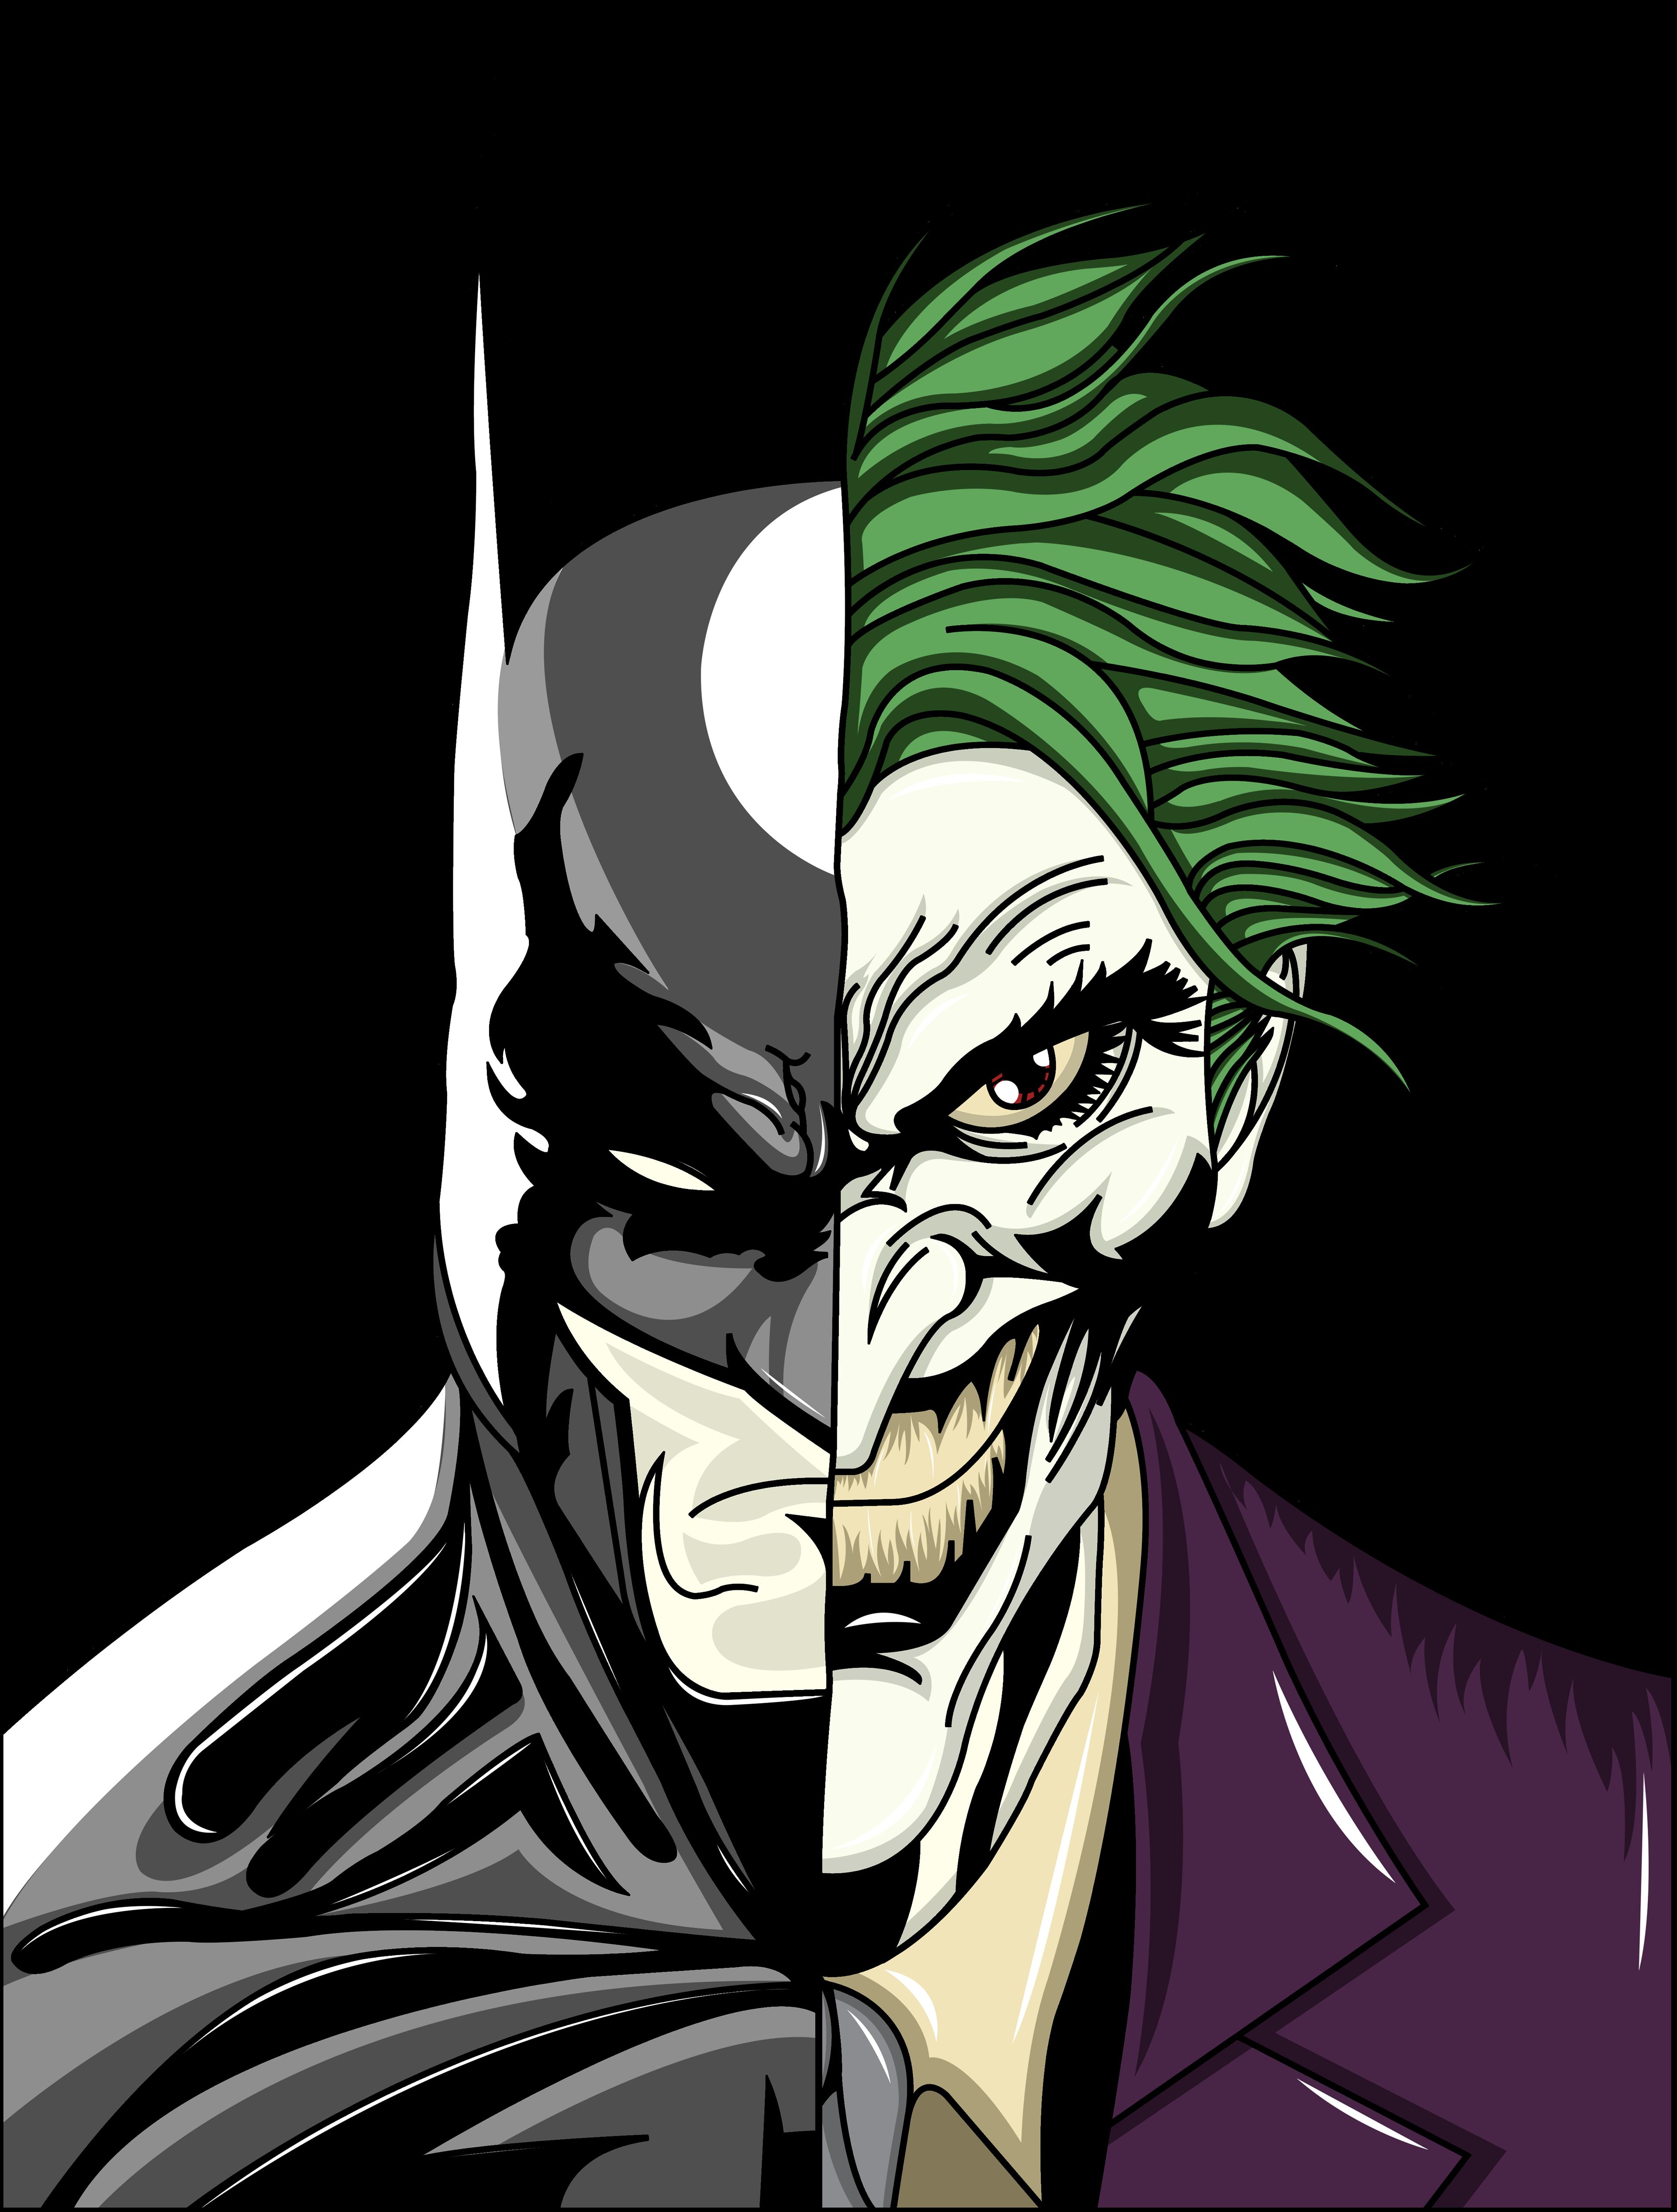 Gangster Clown Drawings